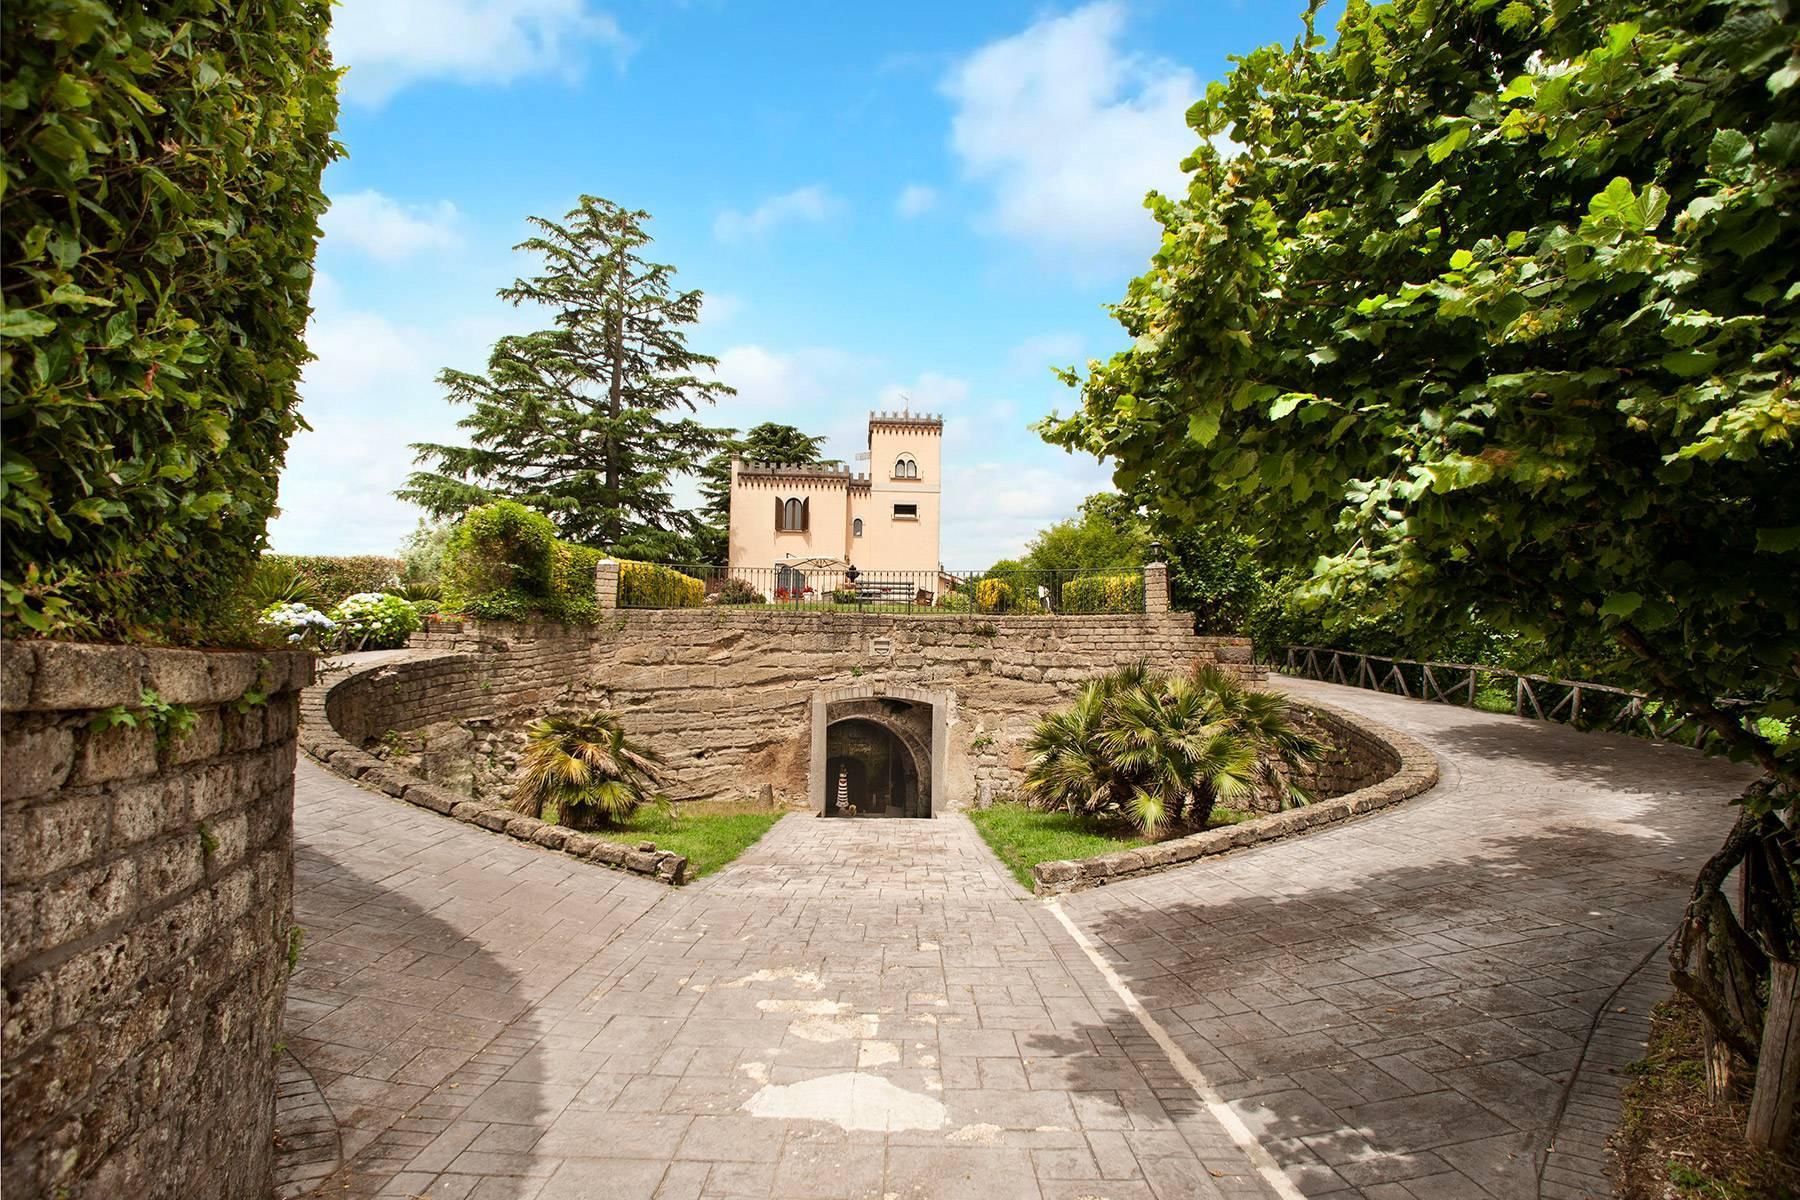 Renoviertes Schloss mitten im Grünen - 2